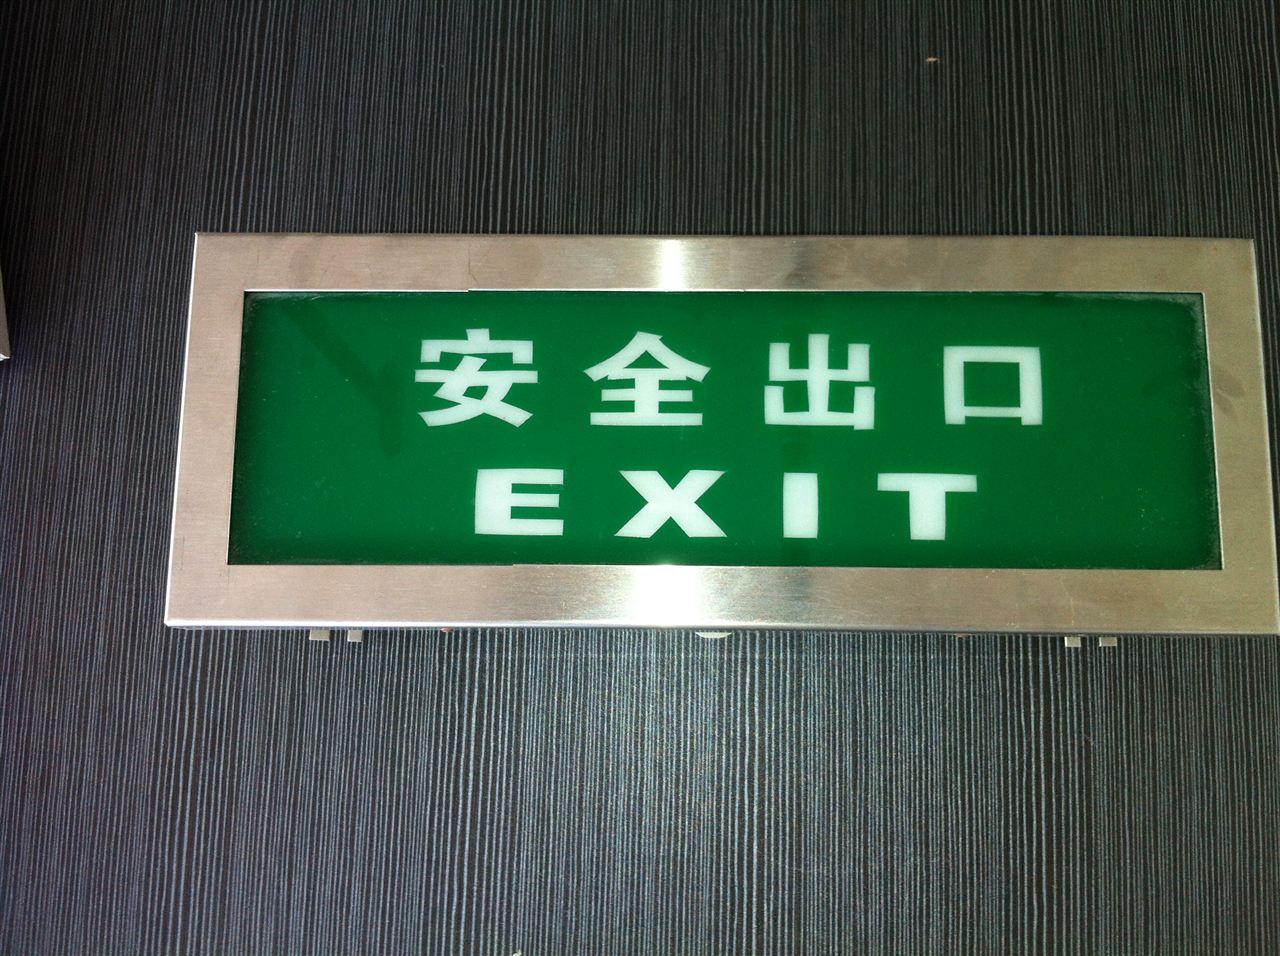 byy系列防爆安全出口标志灯